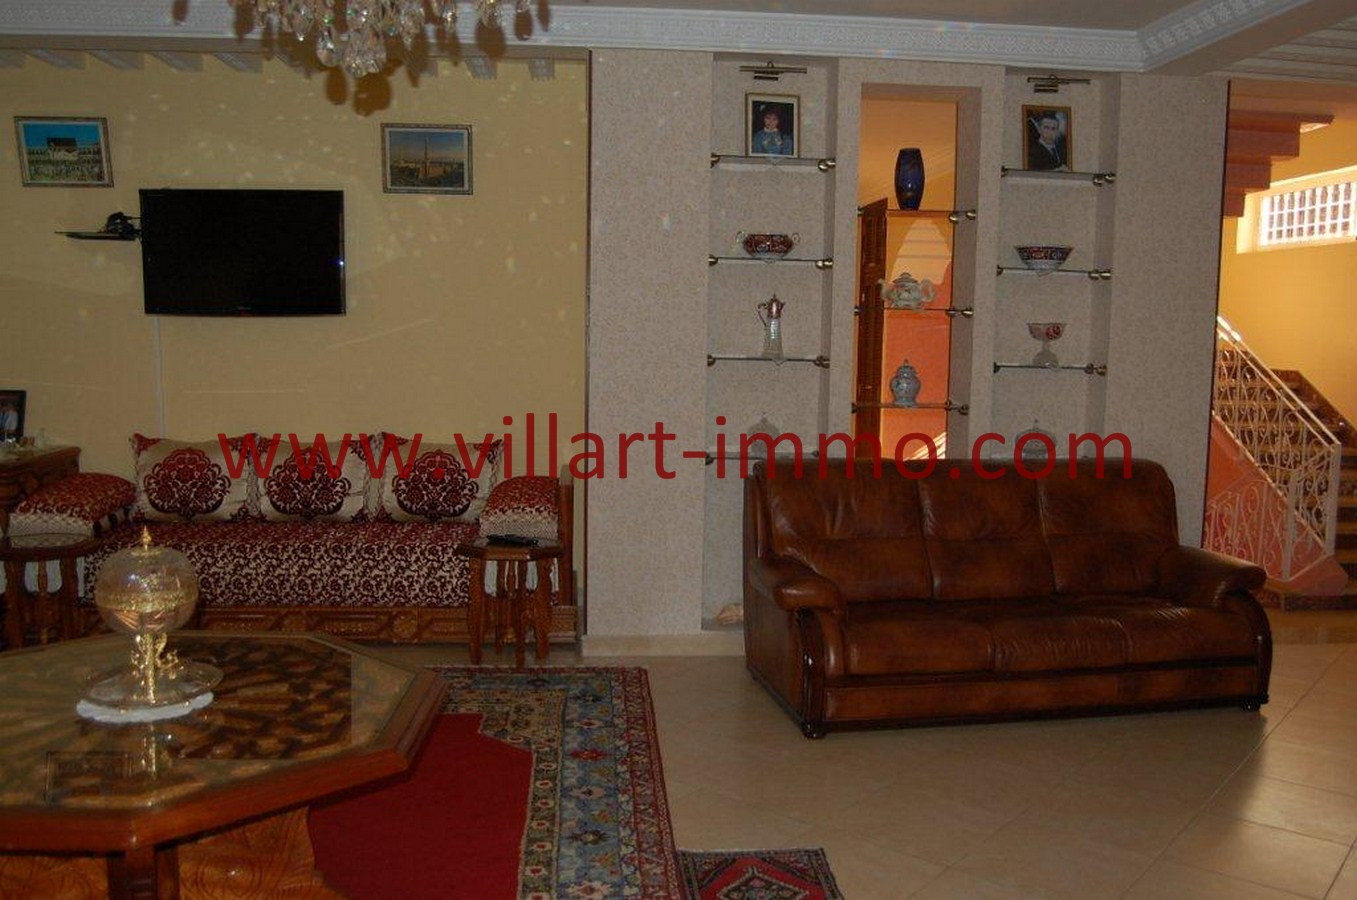 9-Vente-Villa-Tanger-Mojahidin-Salon 2-VV512-Villart Imm